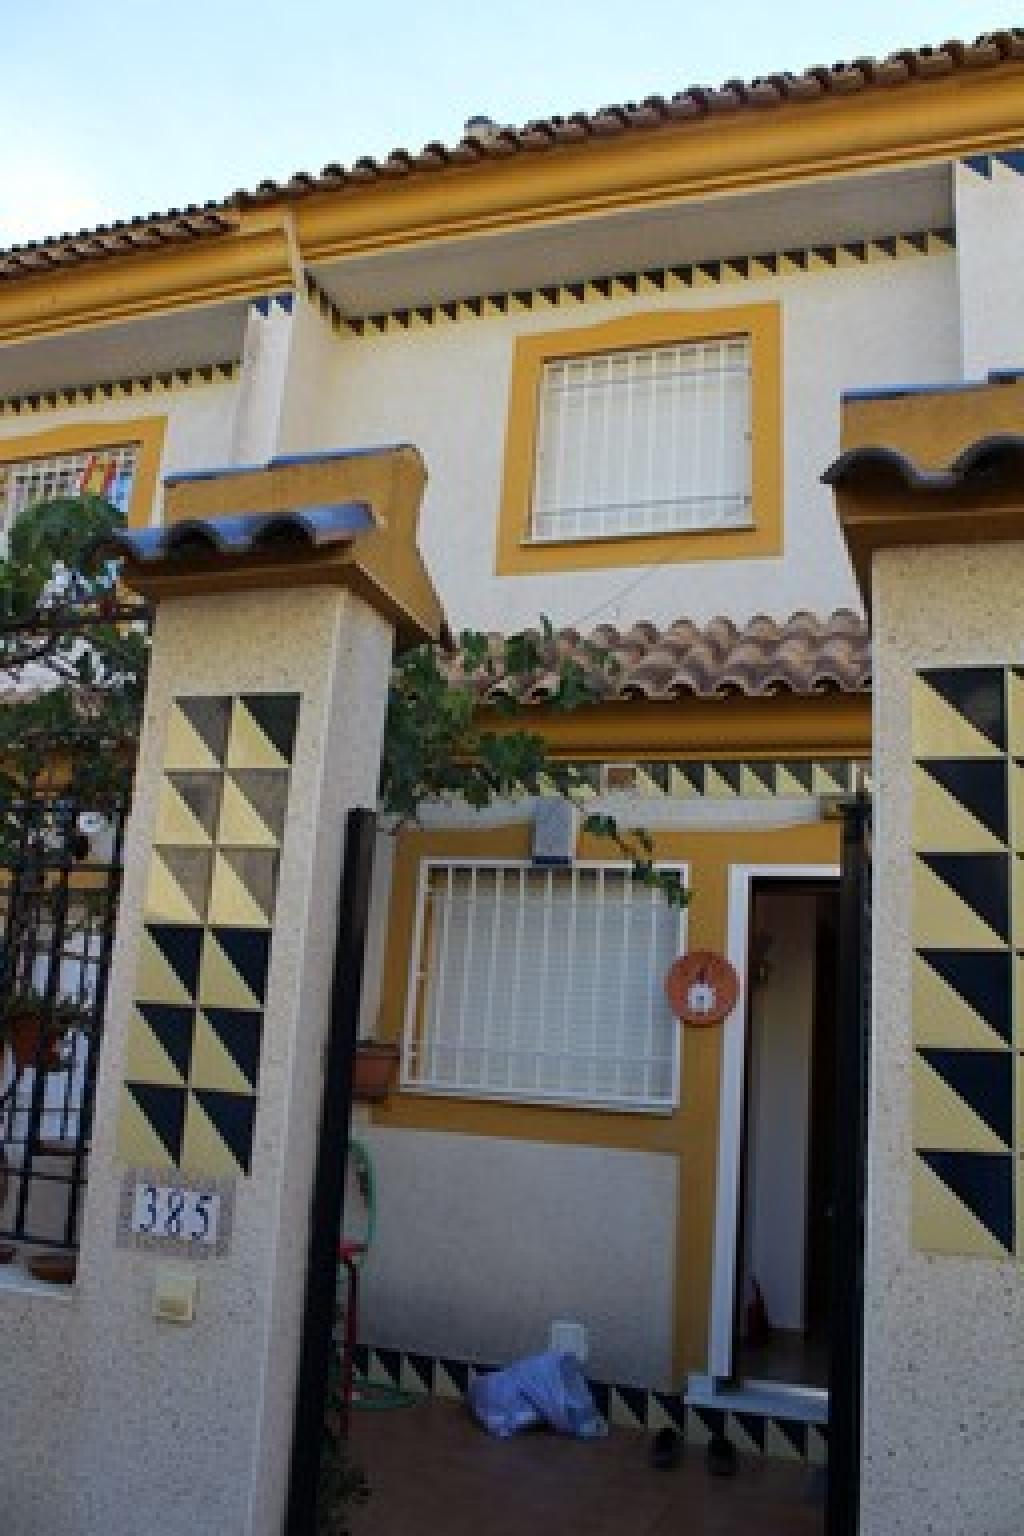 Duplex - For sale - Guardamar del Segura - Alicante